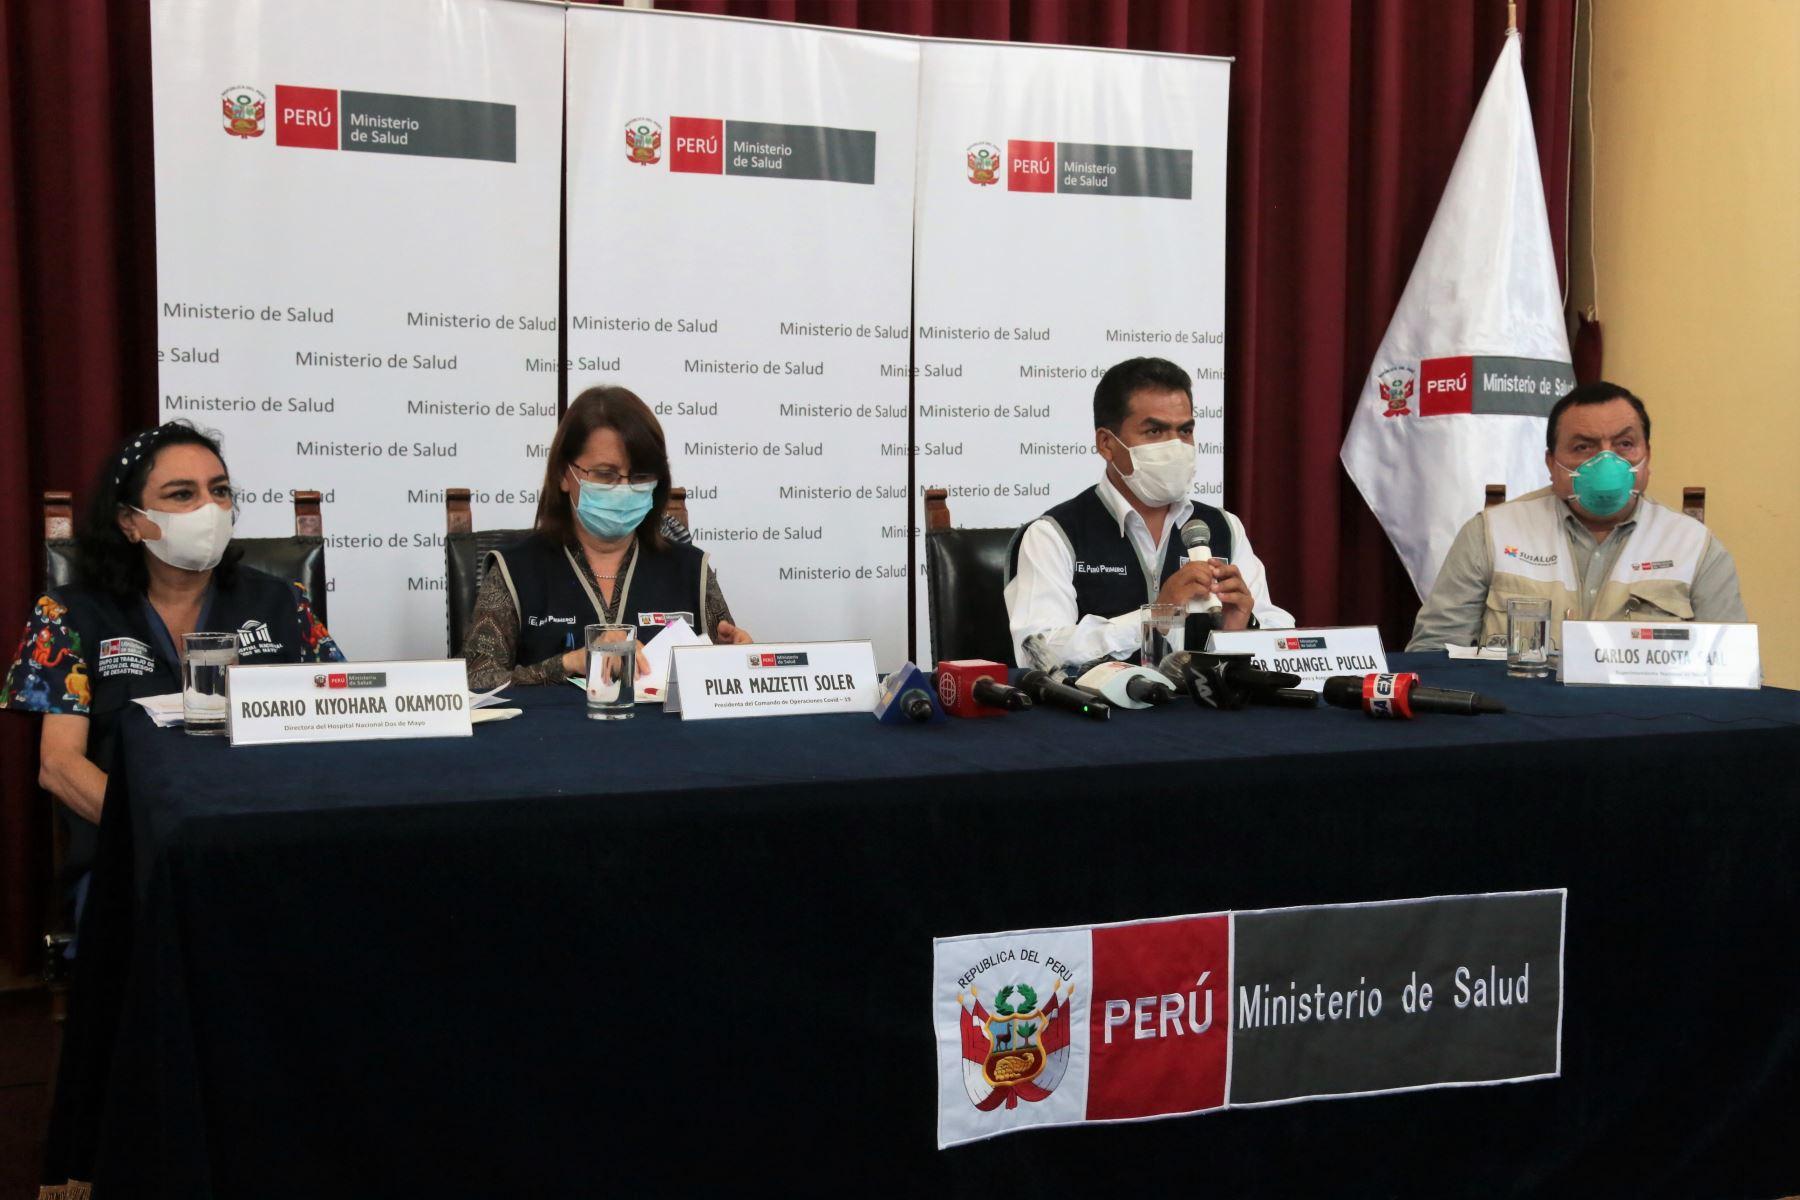 Conferencia de prensa de autoridades del sector Salud para aclarar situación en el hospital Dos de Mayo.